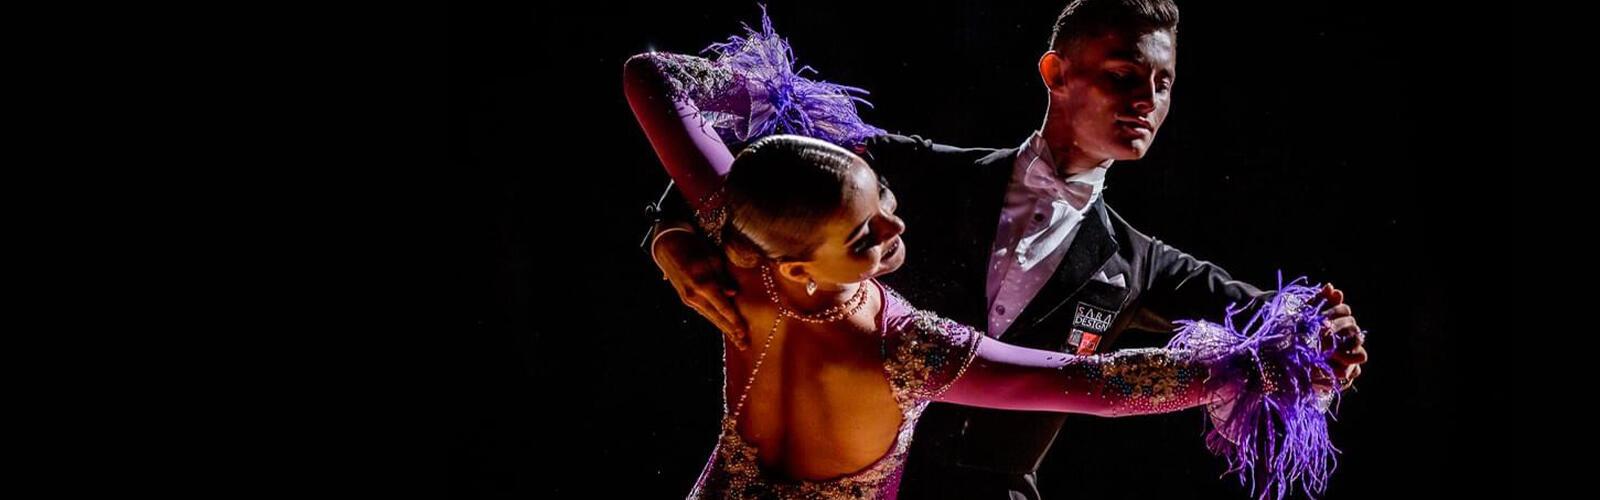 Filip Přibyl & Amálie Rumpíková COOL DANCE